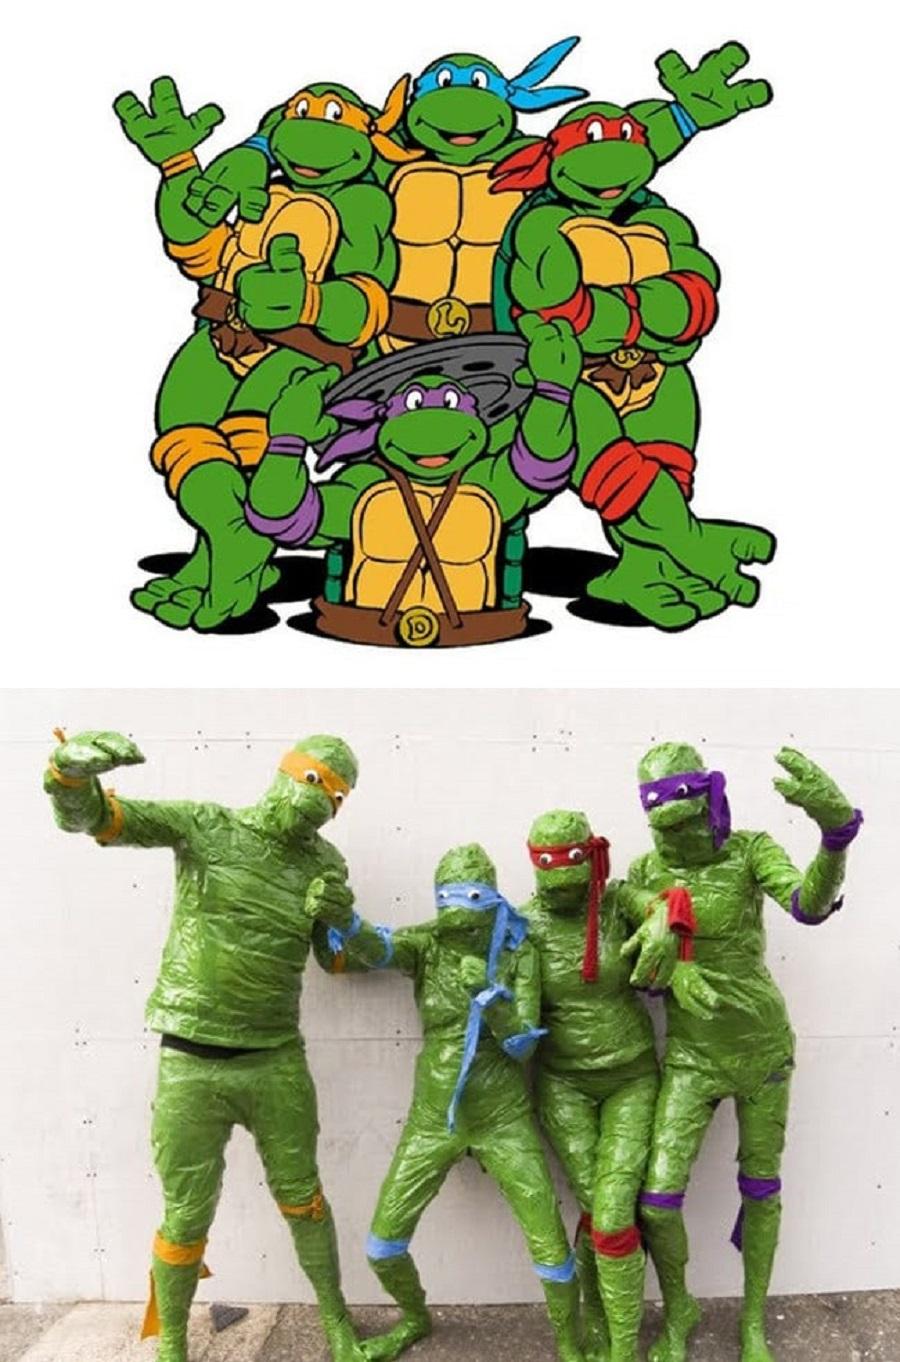 cosplay_fail-ninja_turtles.jpg